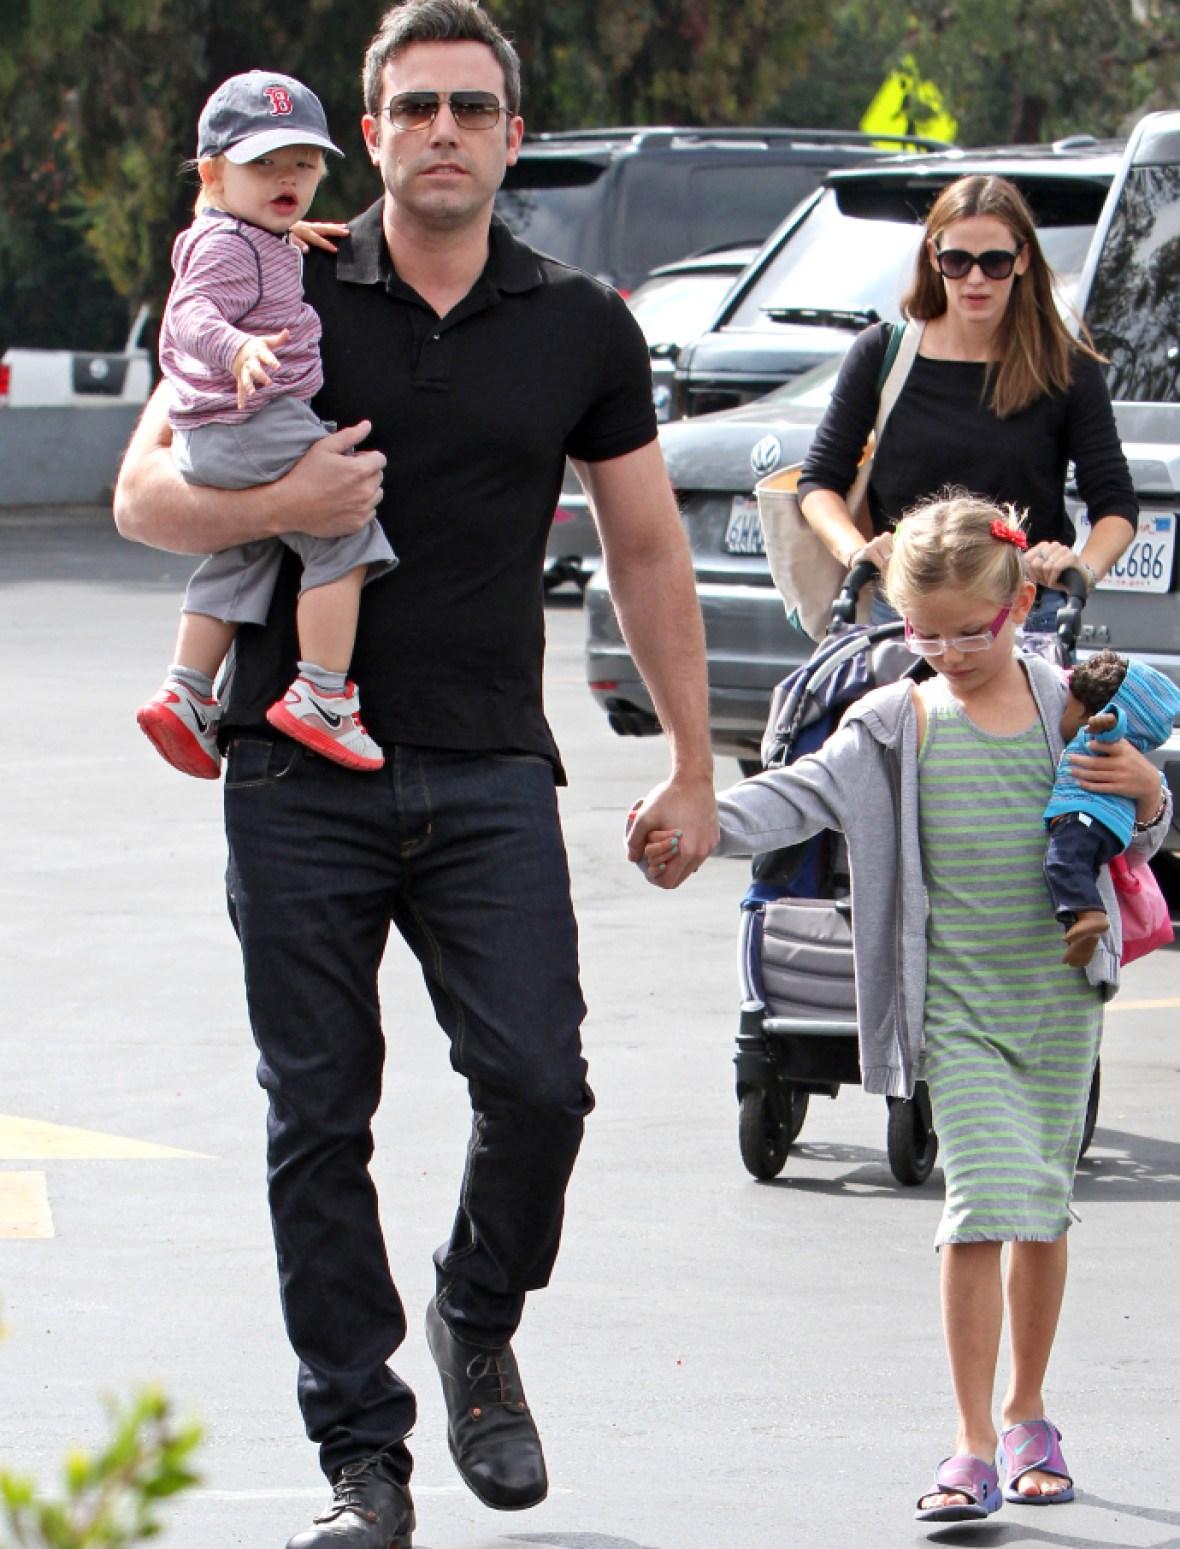 jennifer garner, ben affleck, and kids in 2013 getty